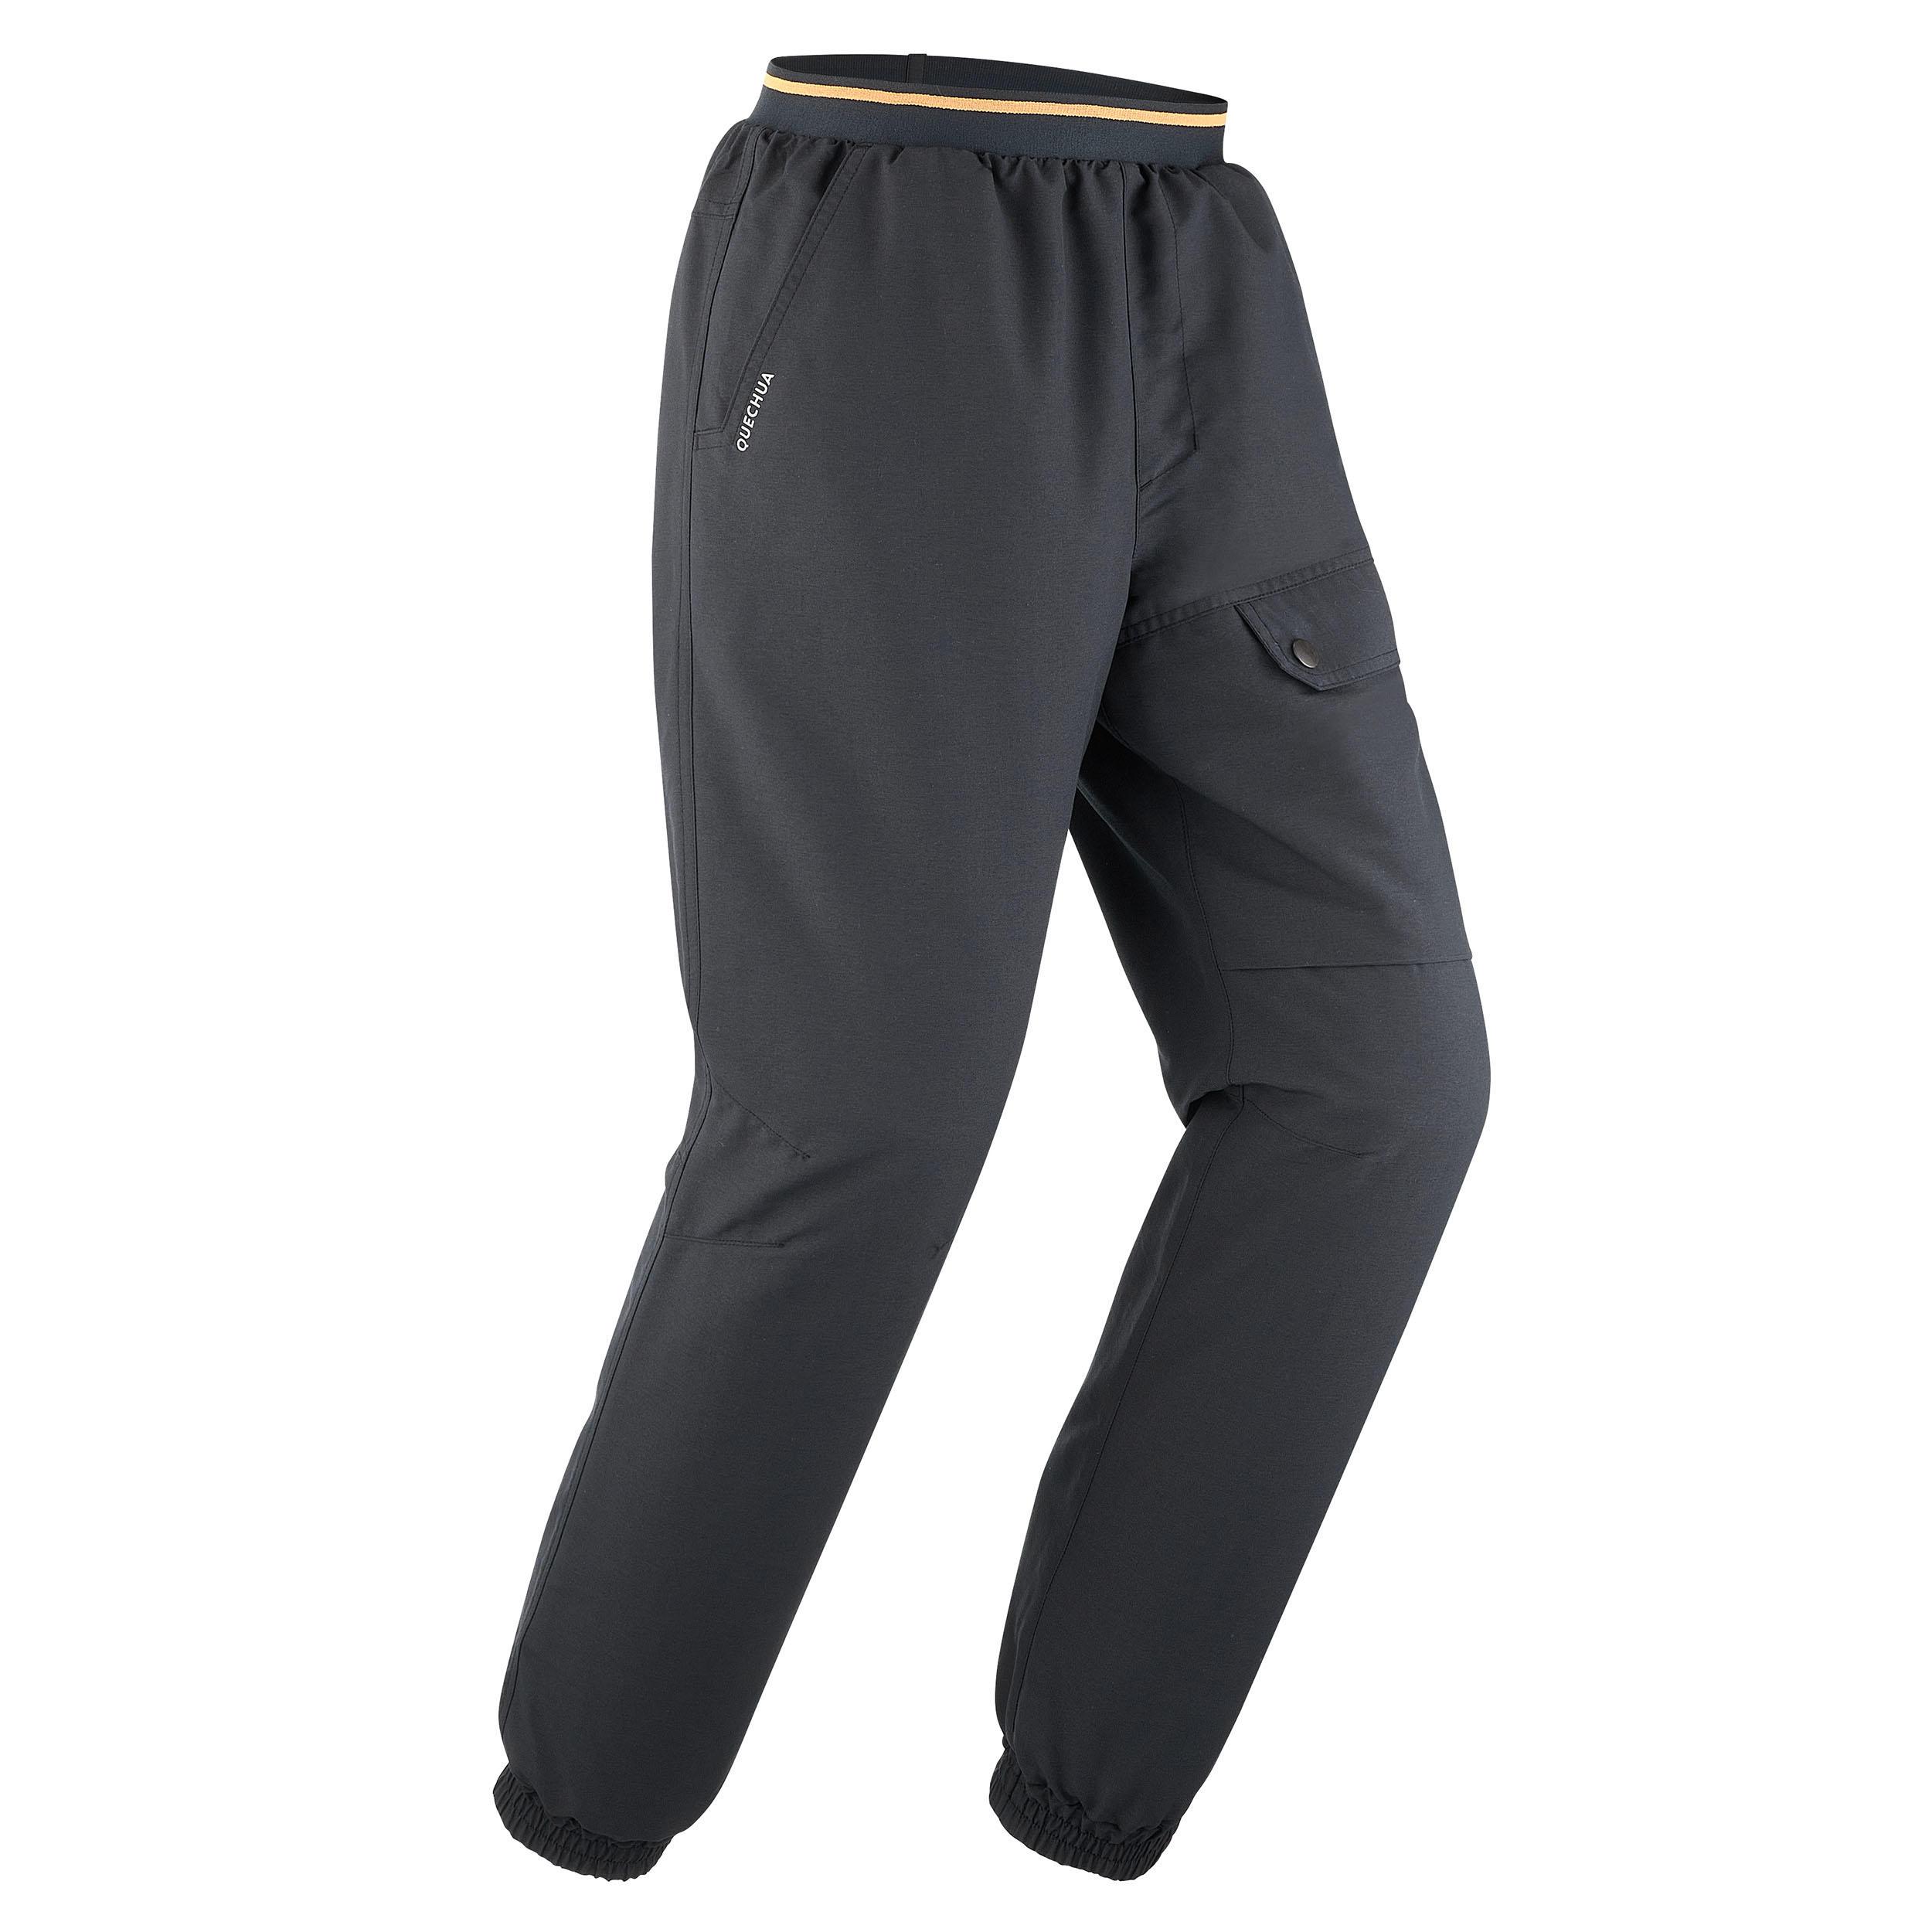 Pantalon SH100 X-Warm Bărbaţi imagine produs